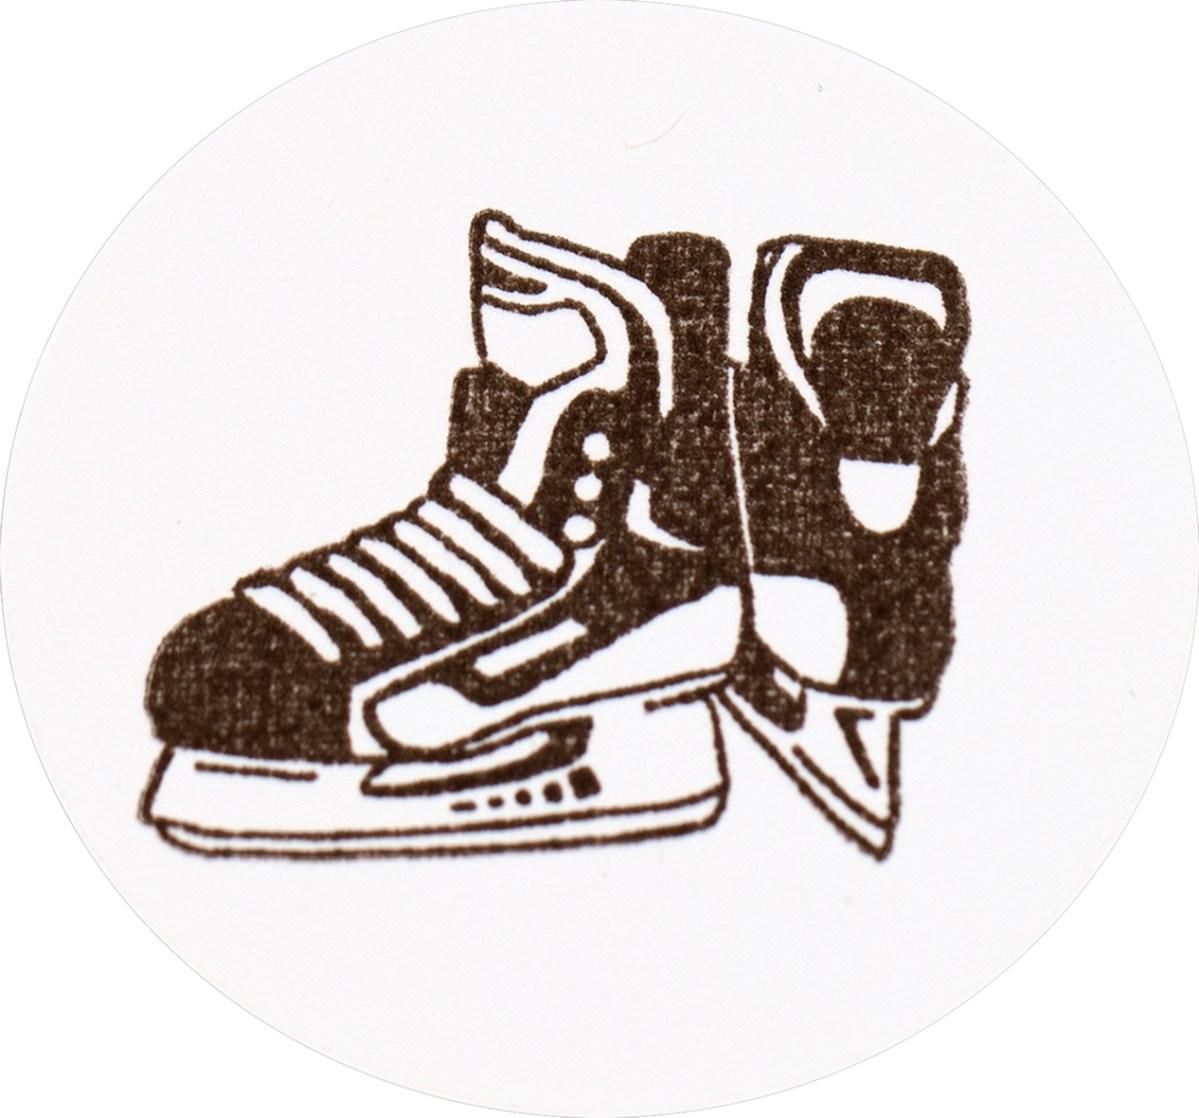 True North Workshop #ctmh #closetomyheart #TrueNorth #TrueNorthWorkshop #CelebrateCanada #Canada #hockey #icehockey #pondhockey #skates